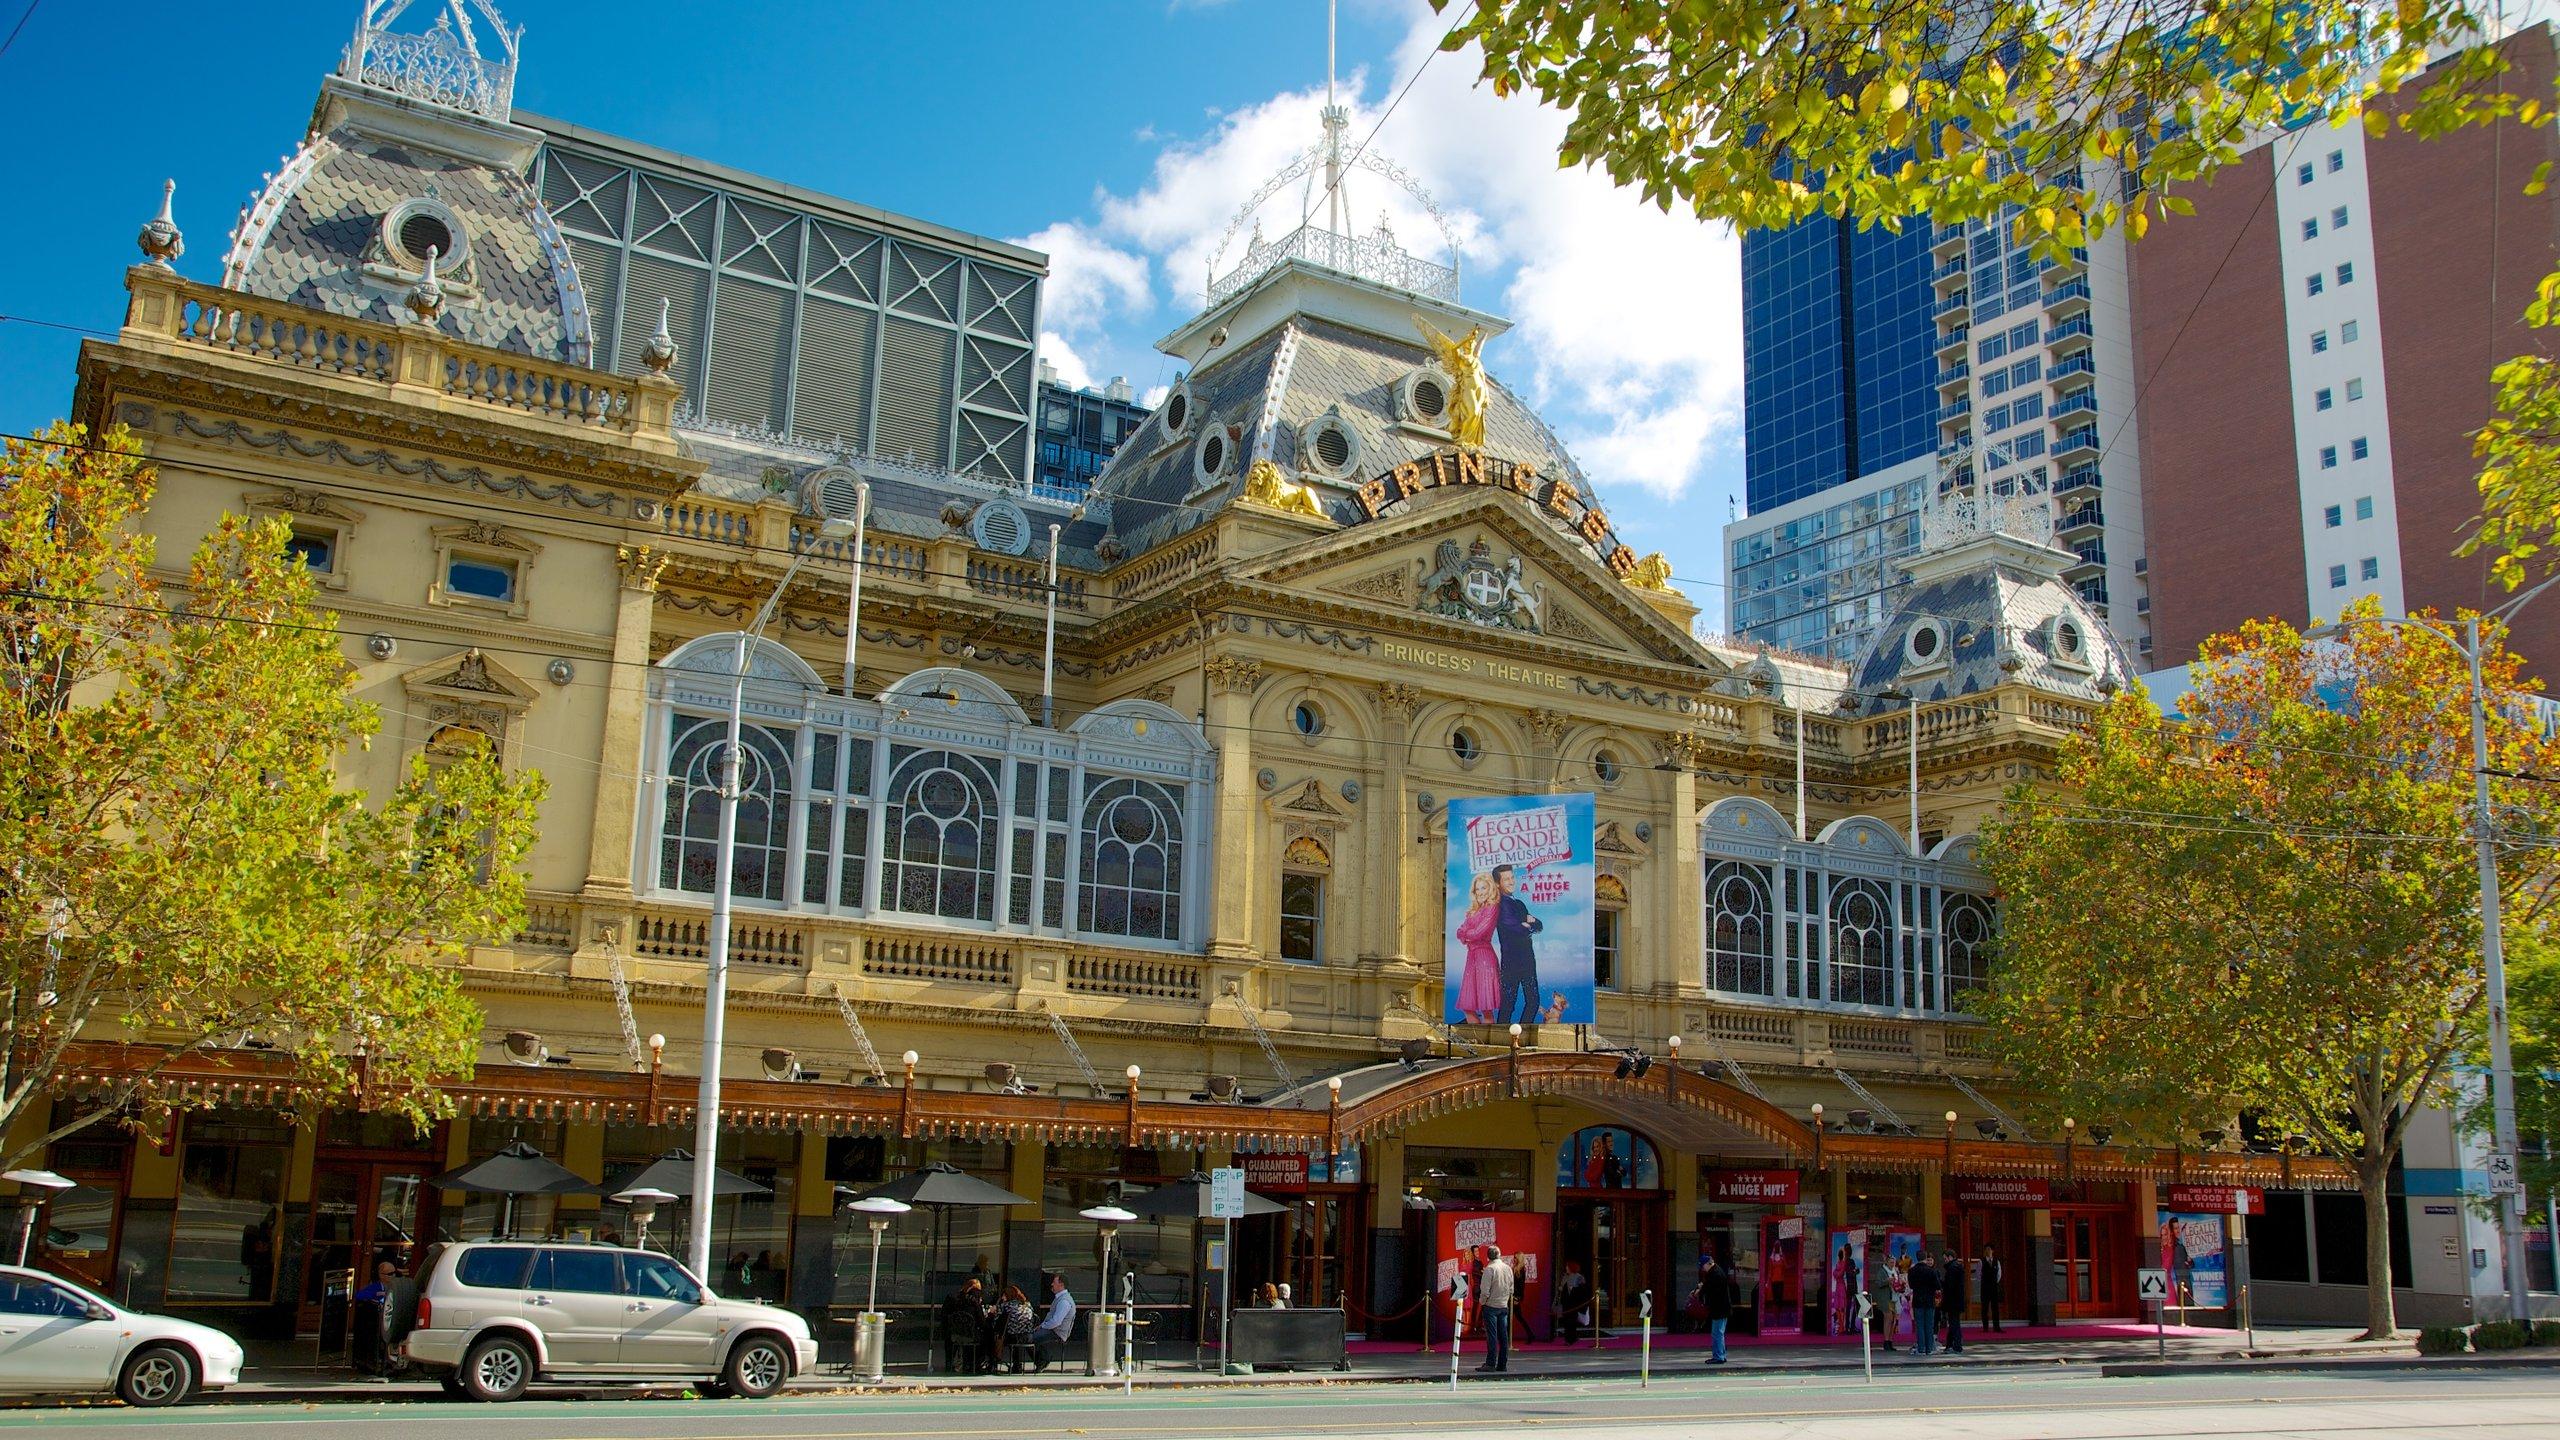 被認為是墨爾本最華麗的地標,這座宏偉的劇院自 150 年前落成後一直為觀眾帶來娛樂。